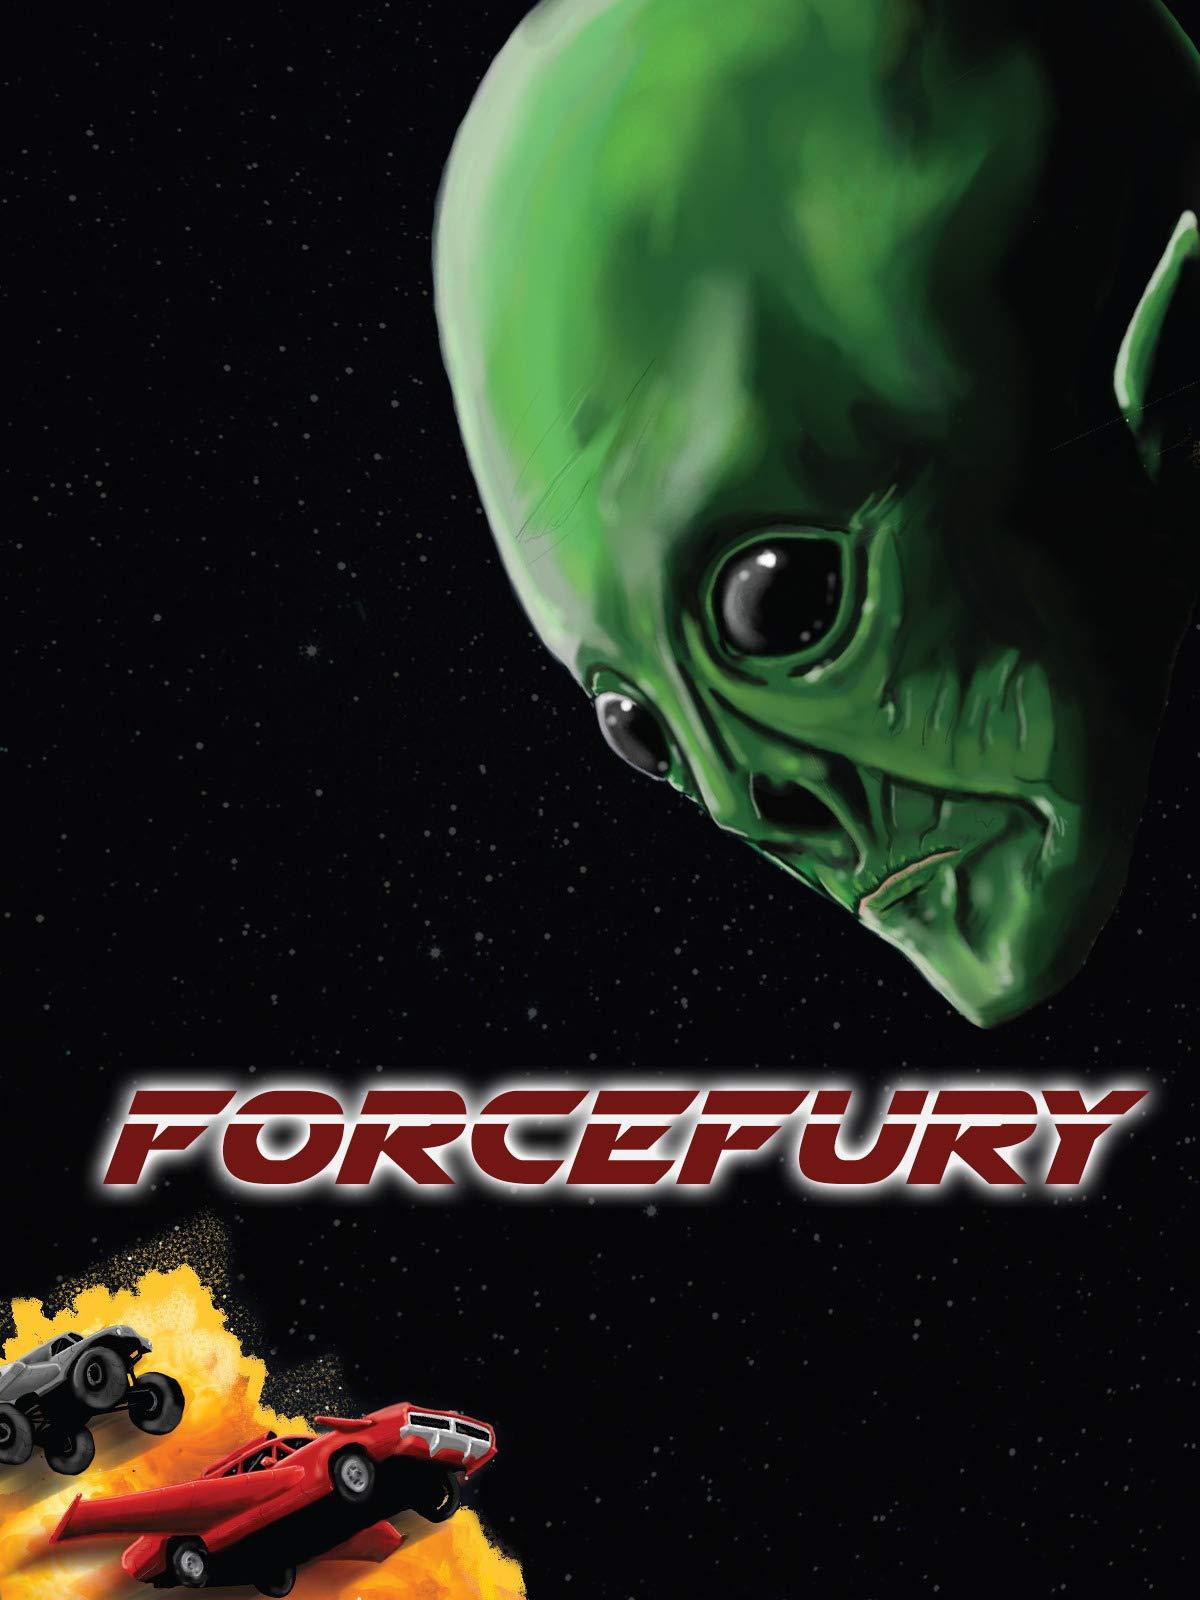 Forcefury